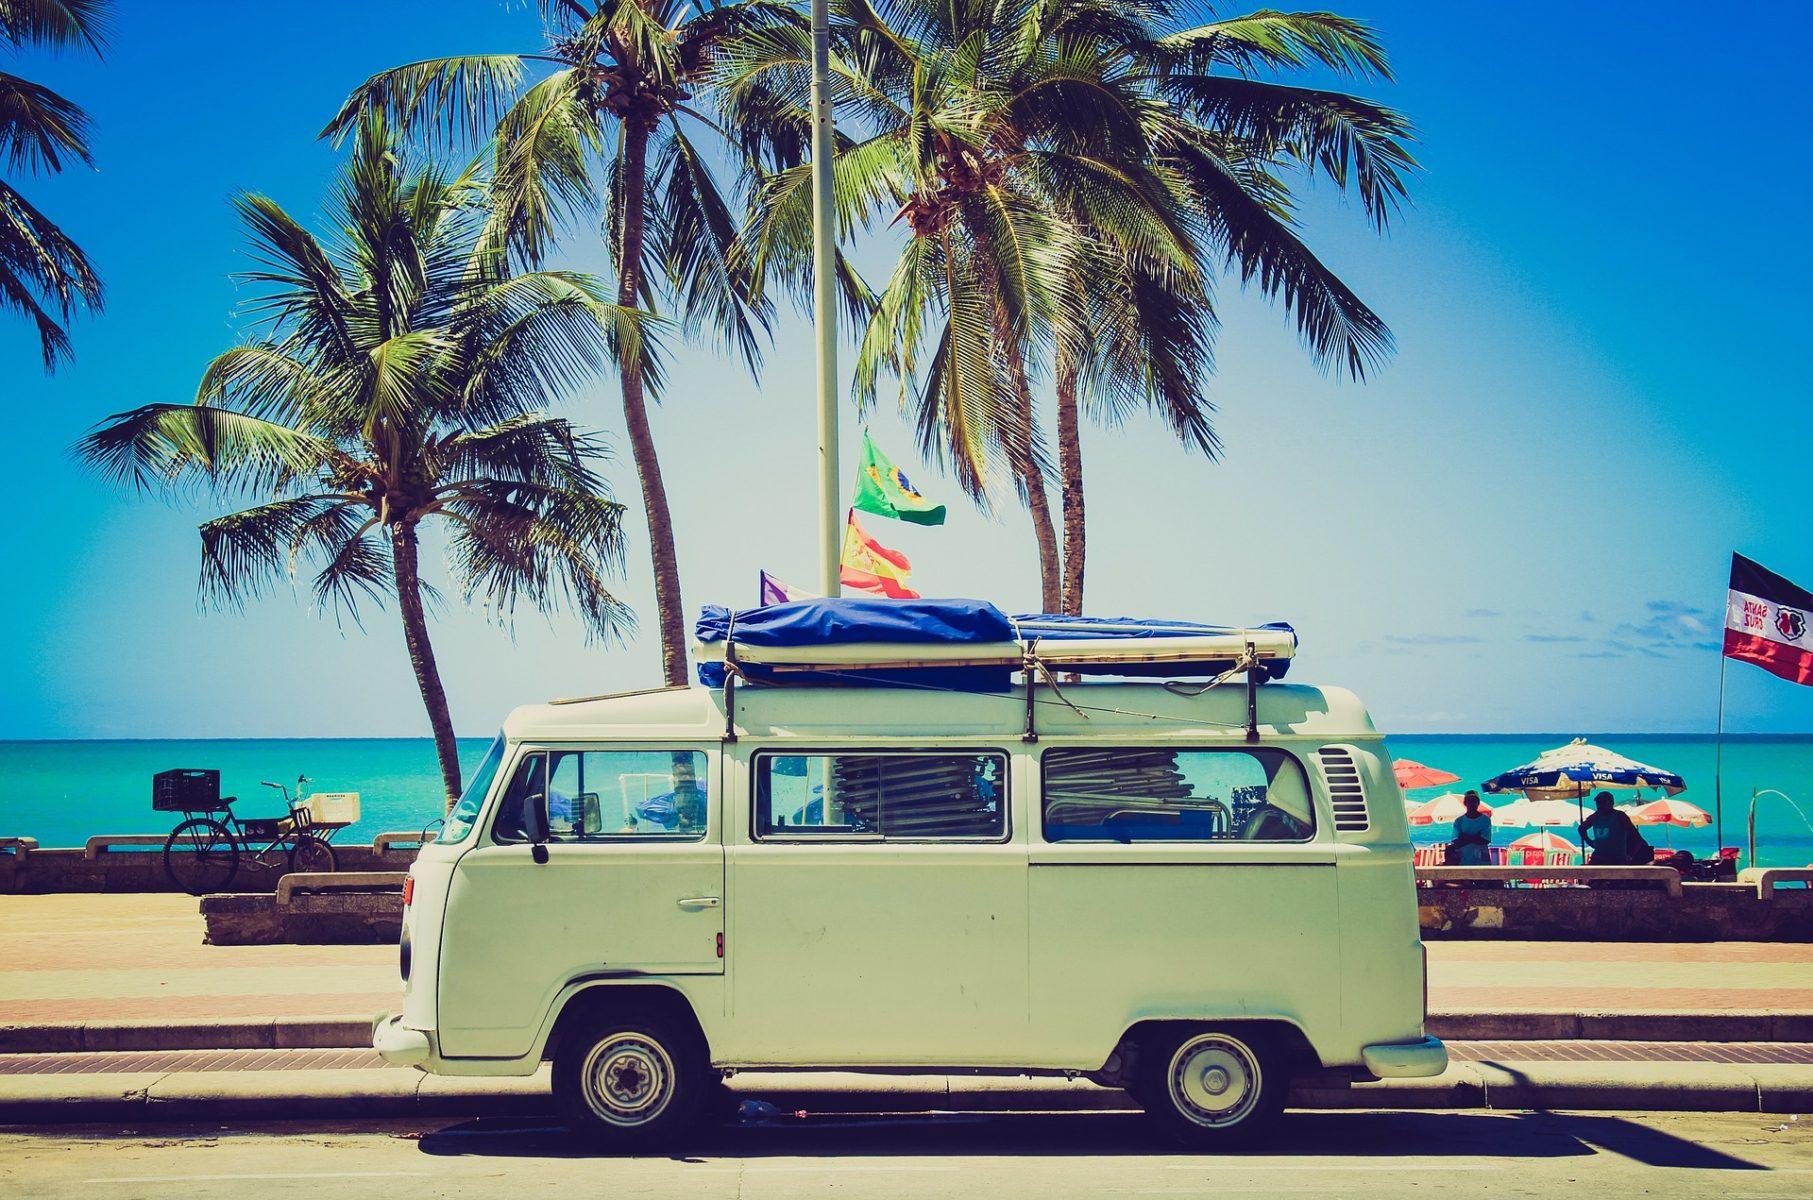 Summer Vacation